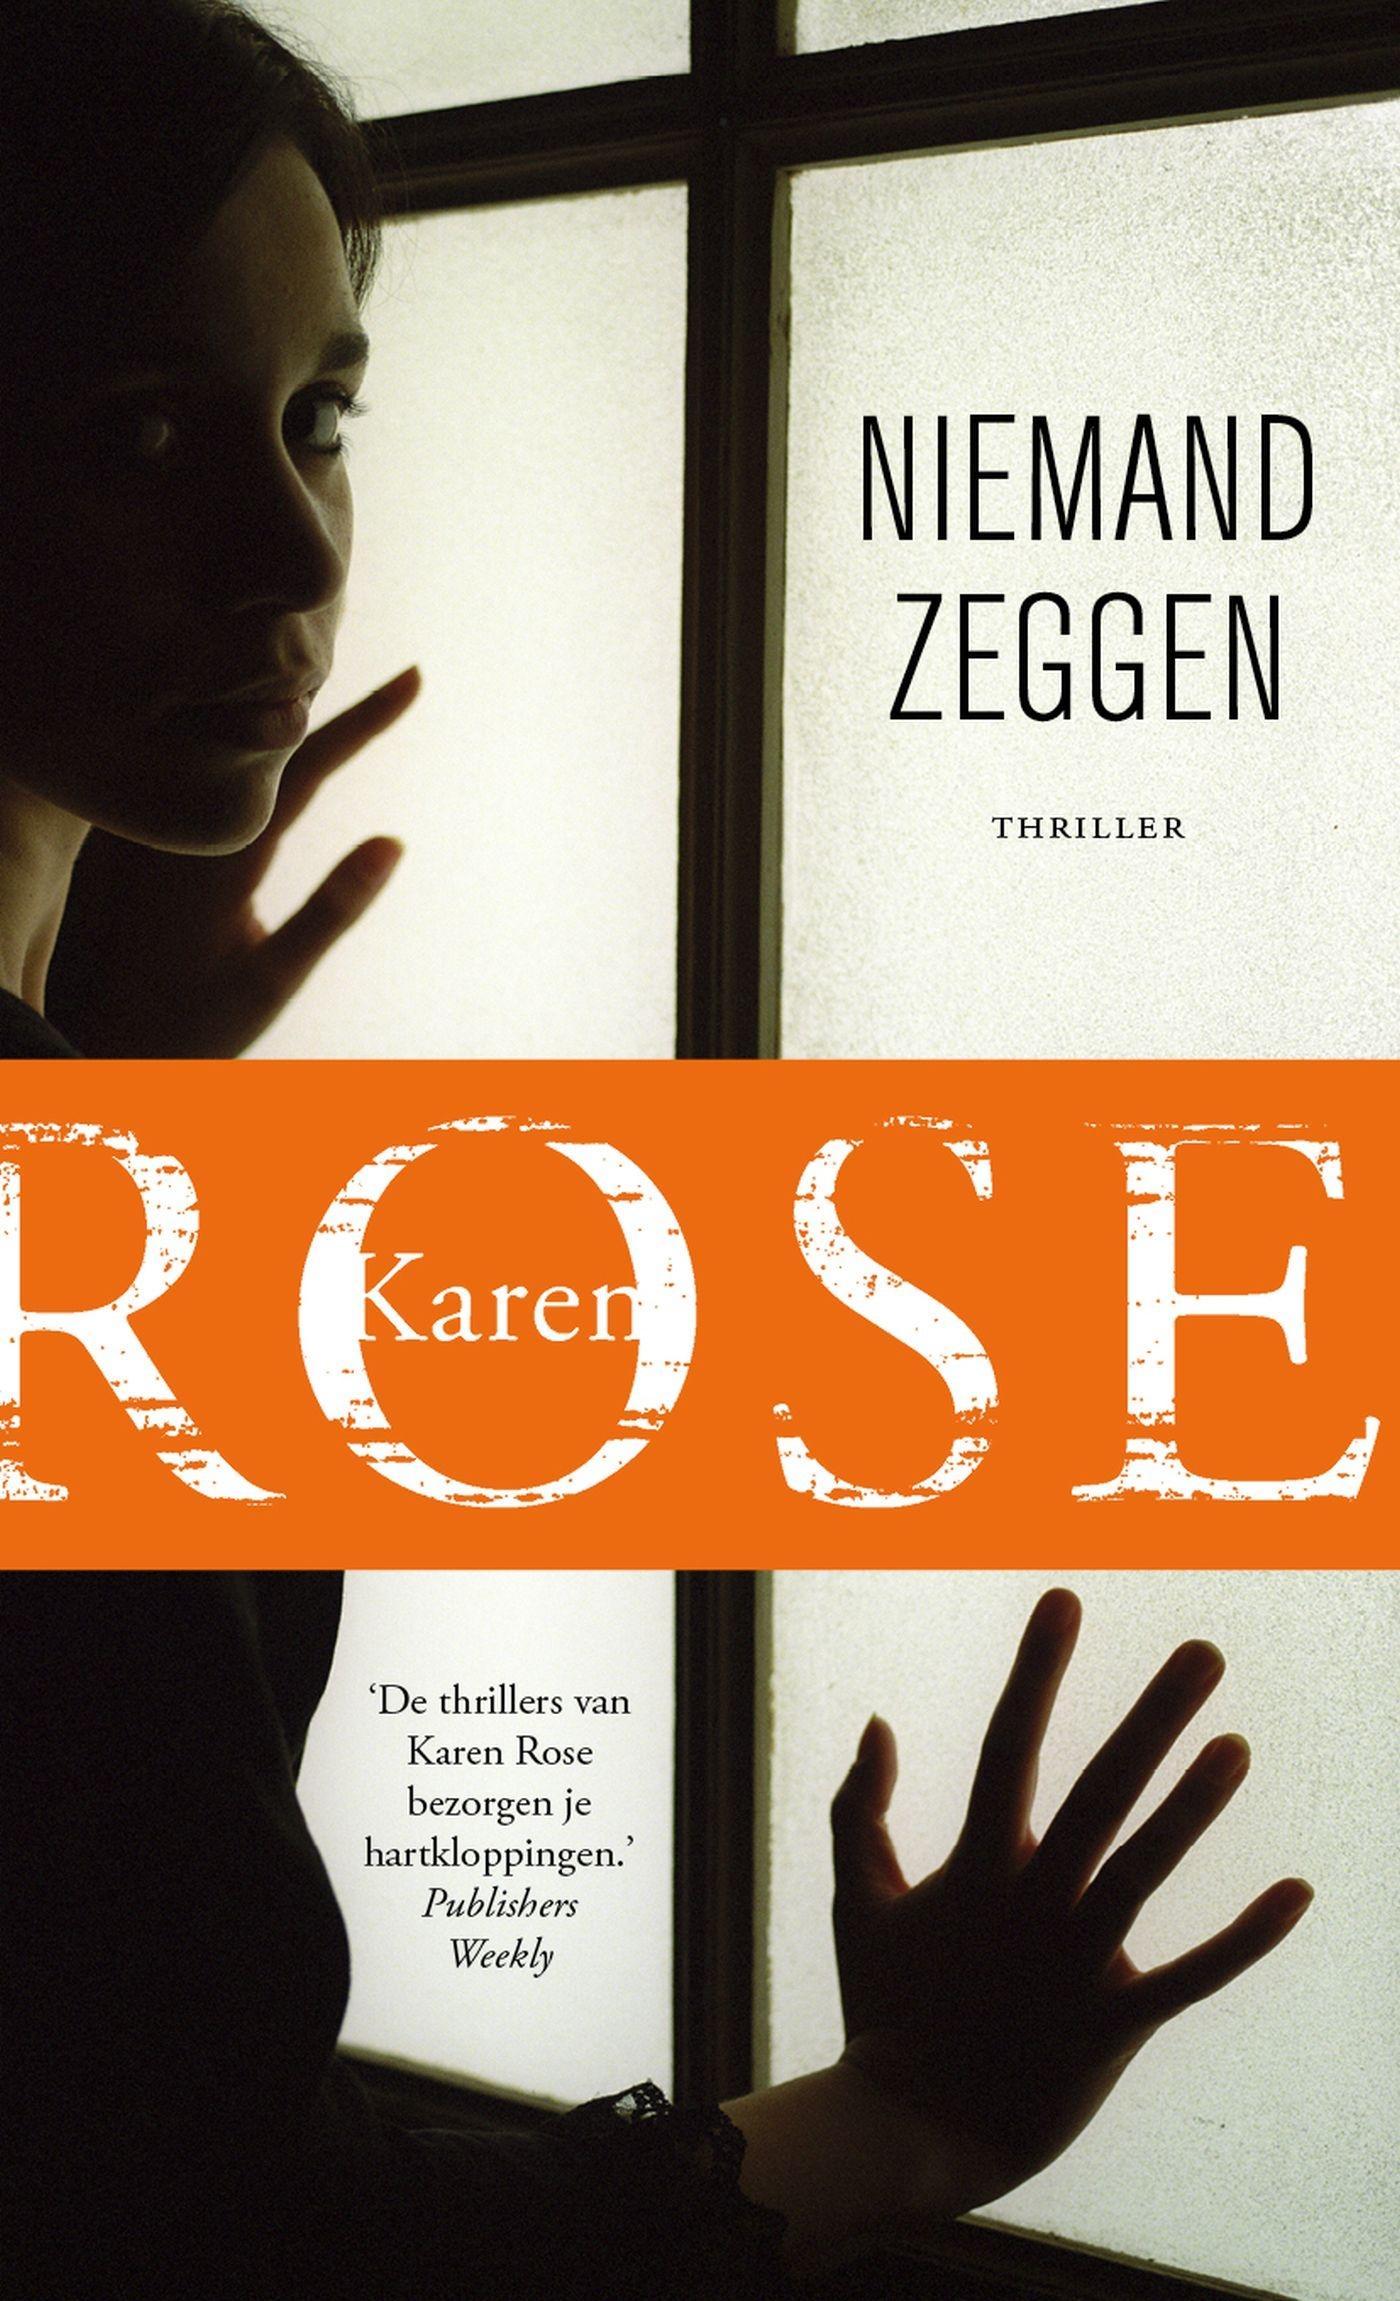 Niemand zeggen – Karen Rose